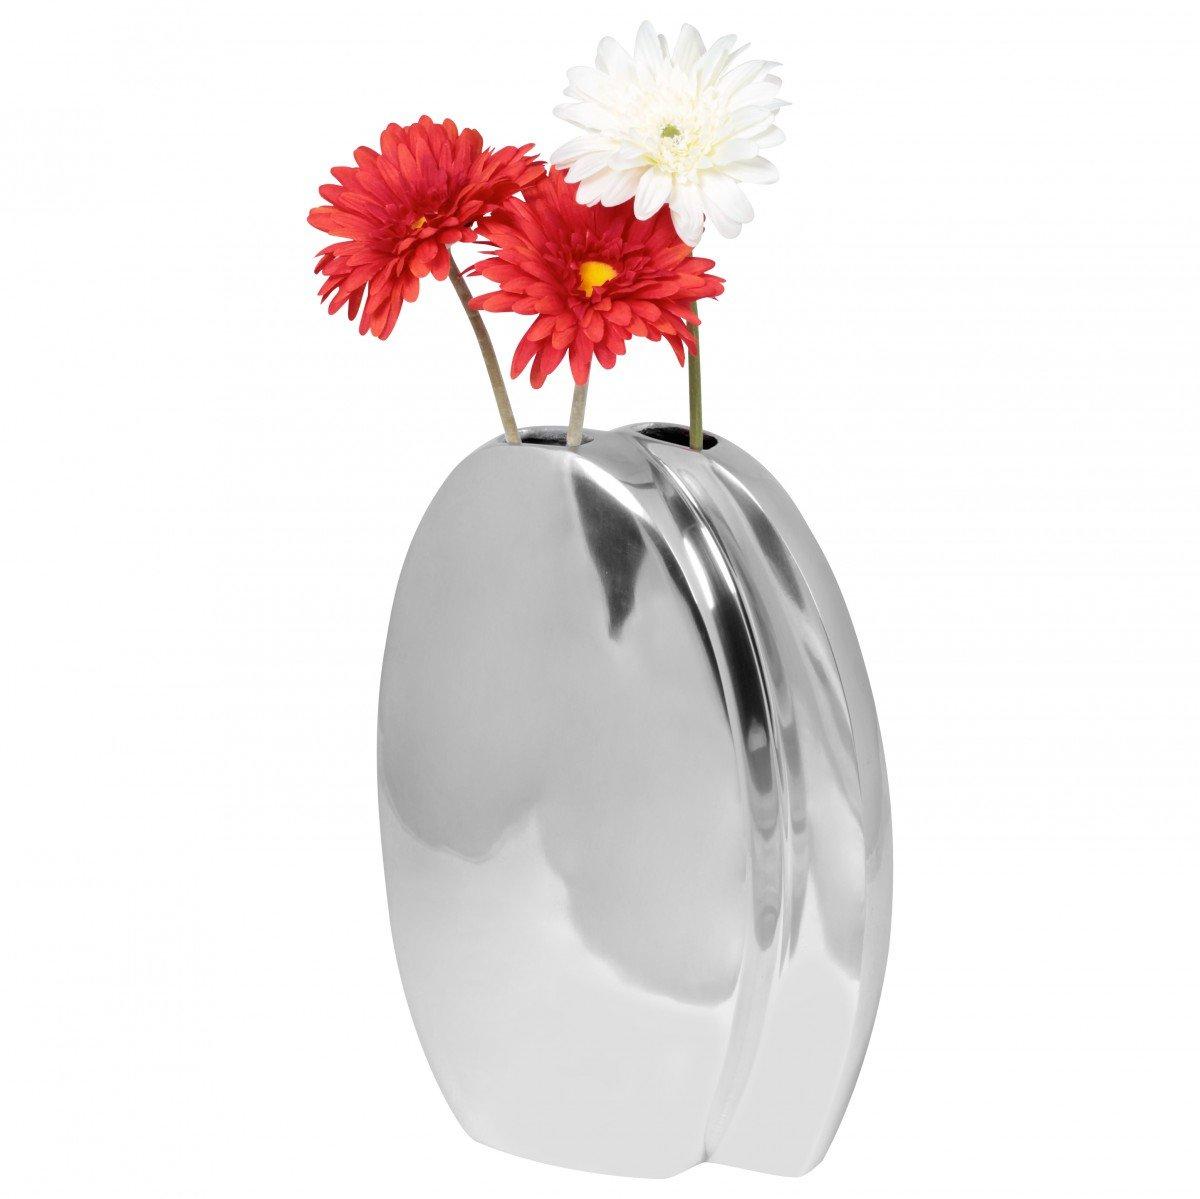 Wohnling Deko Vase groß Twin L, Aluminium modern mit 2 Öffnungen, silber, 37 cm